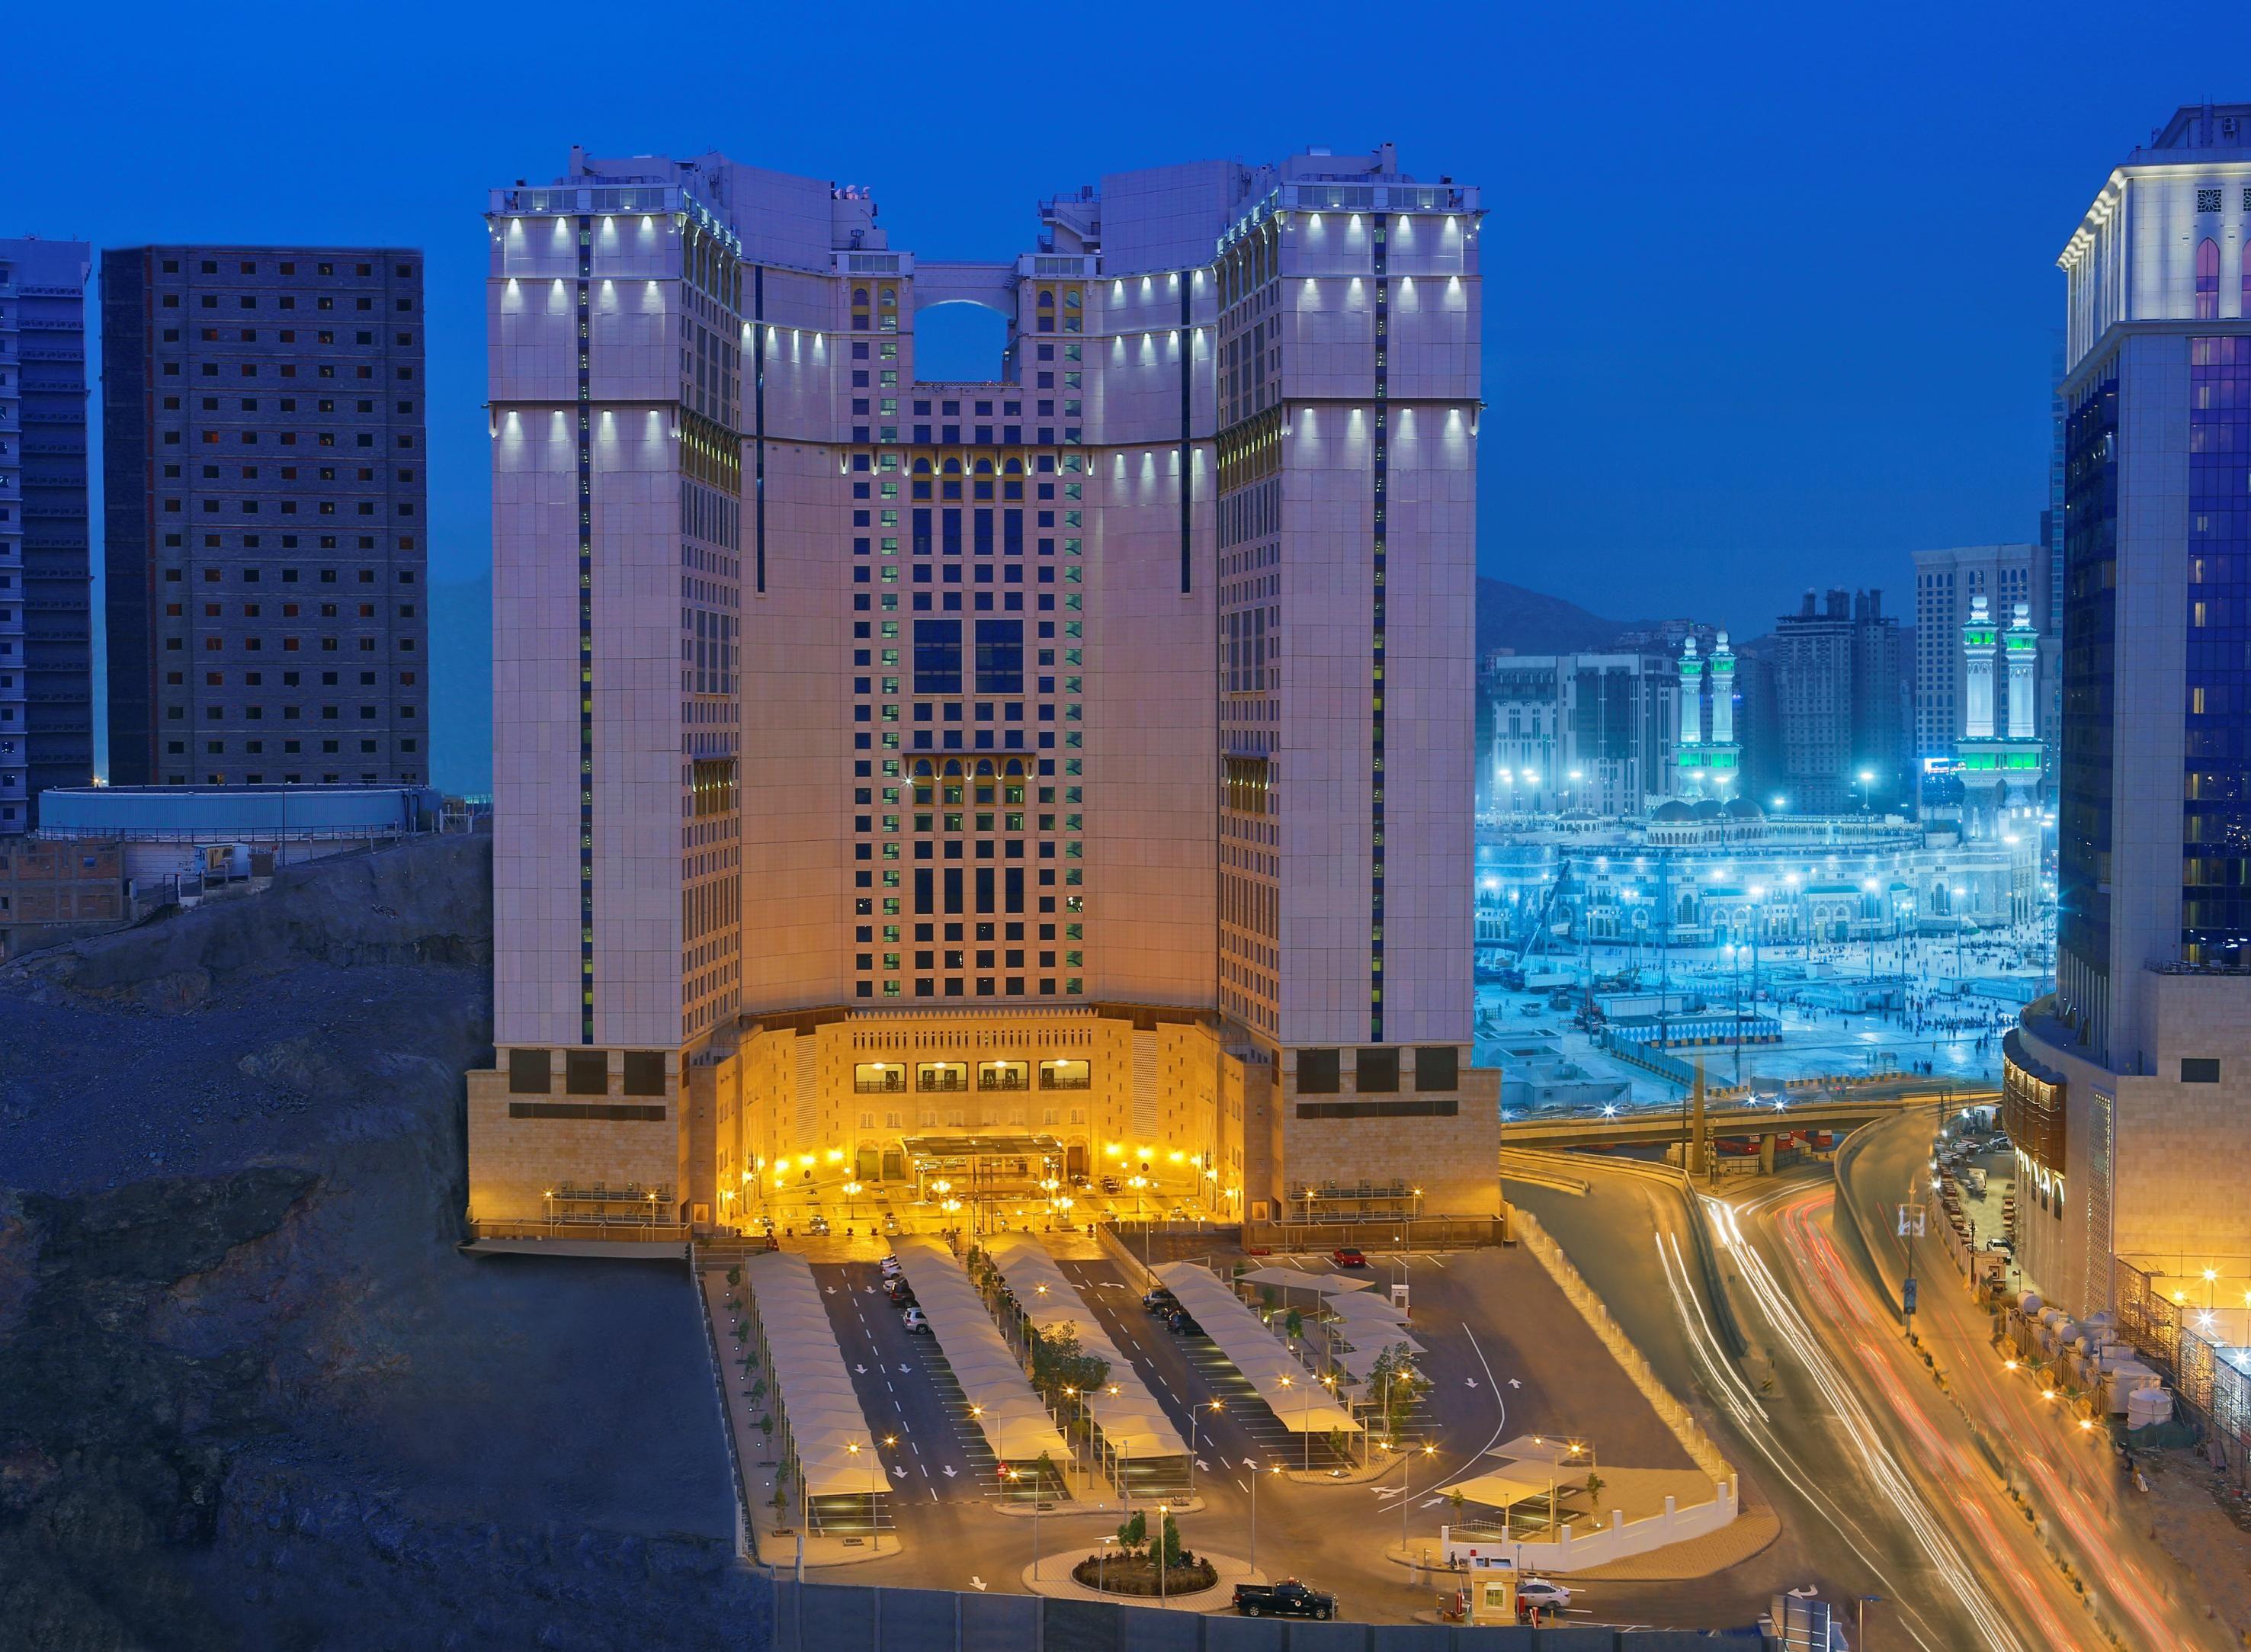 فندق انجم مكة بالصور